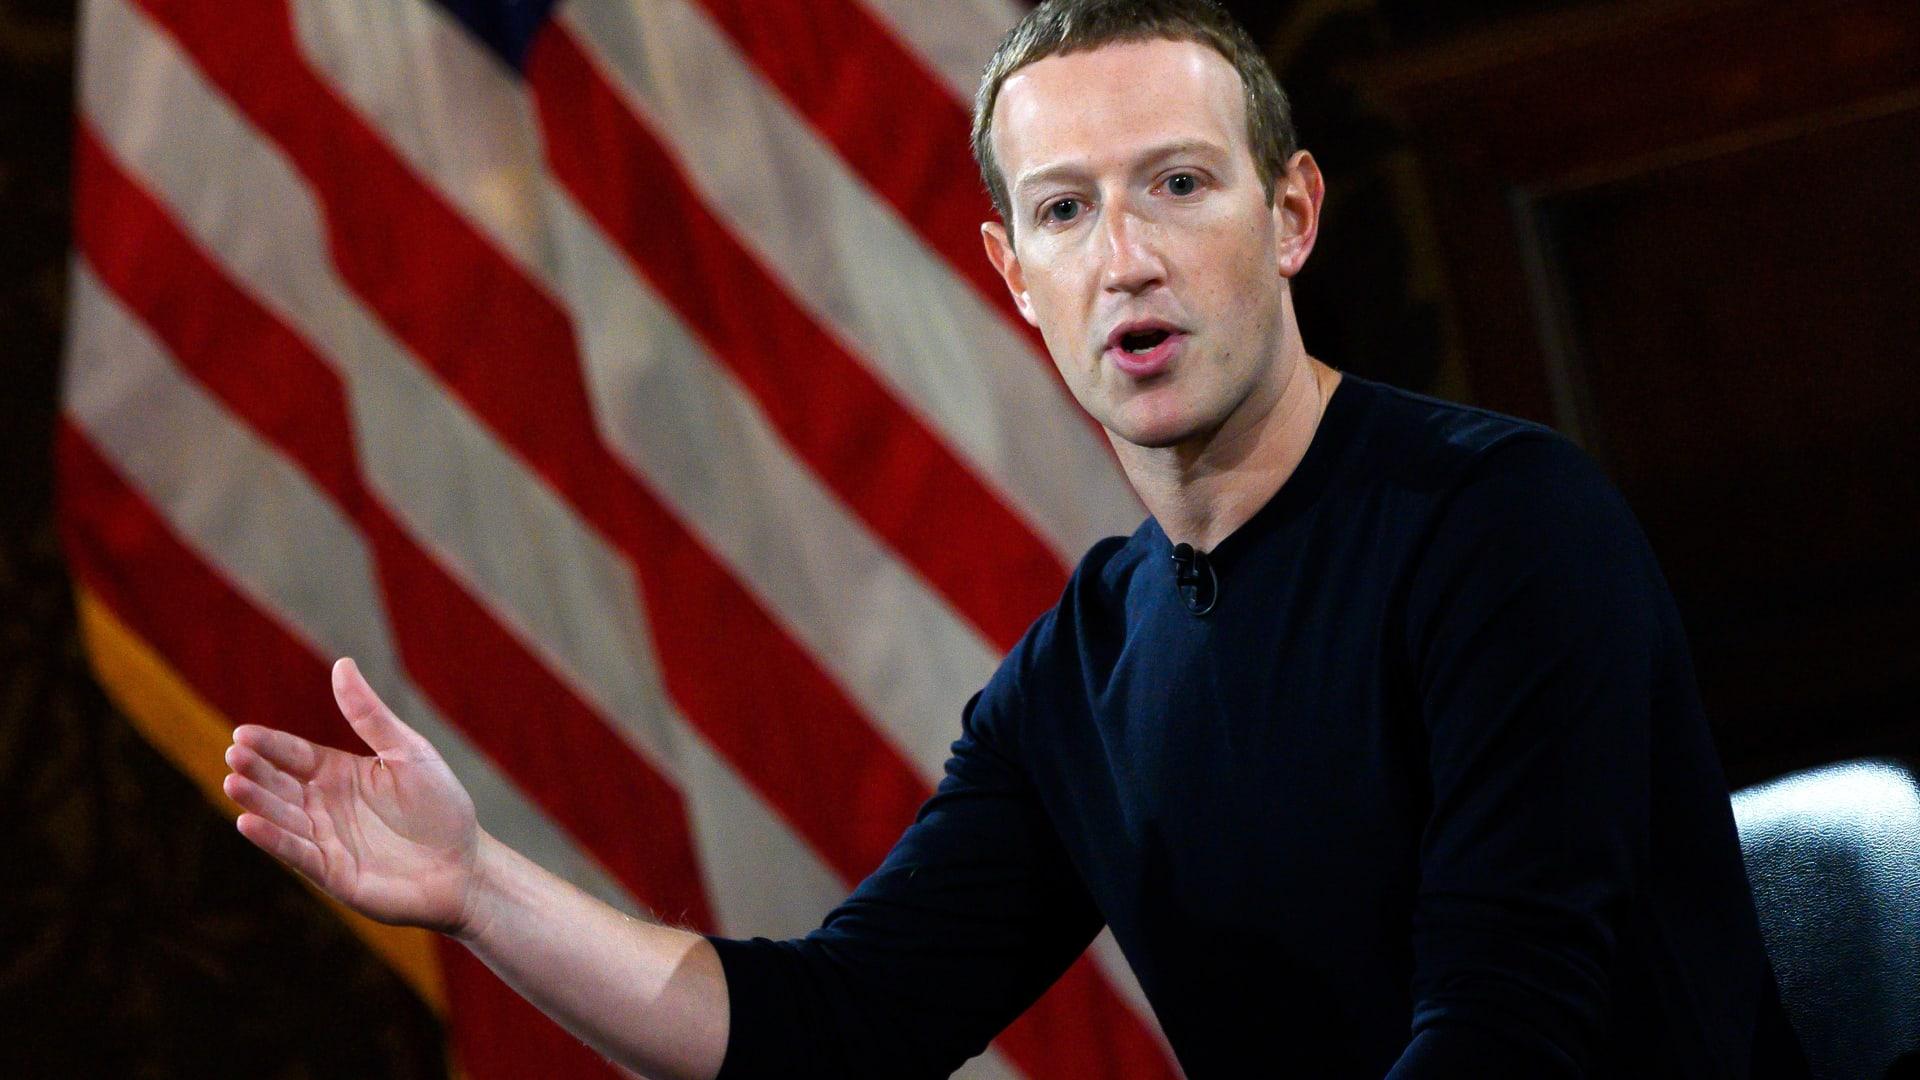 """مشرّع يقارن عملة فيسبوك المشفّرة """"ليبرا"""" بهجمات 11 سبتمبر"""